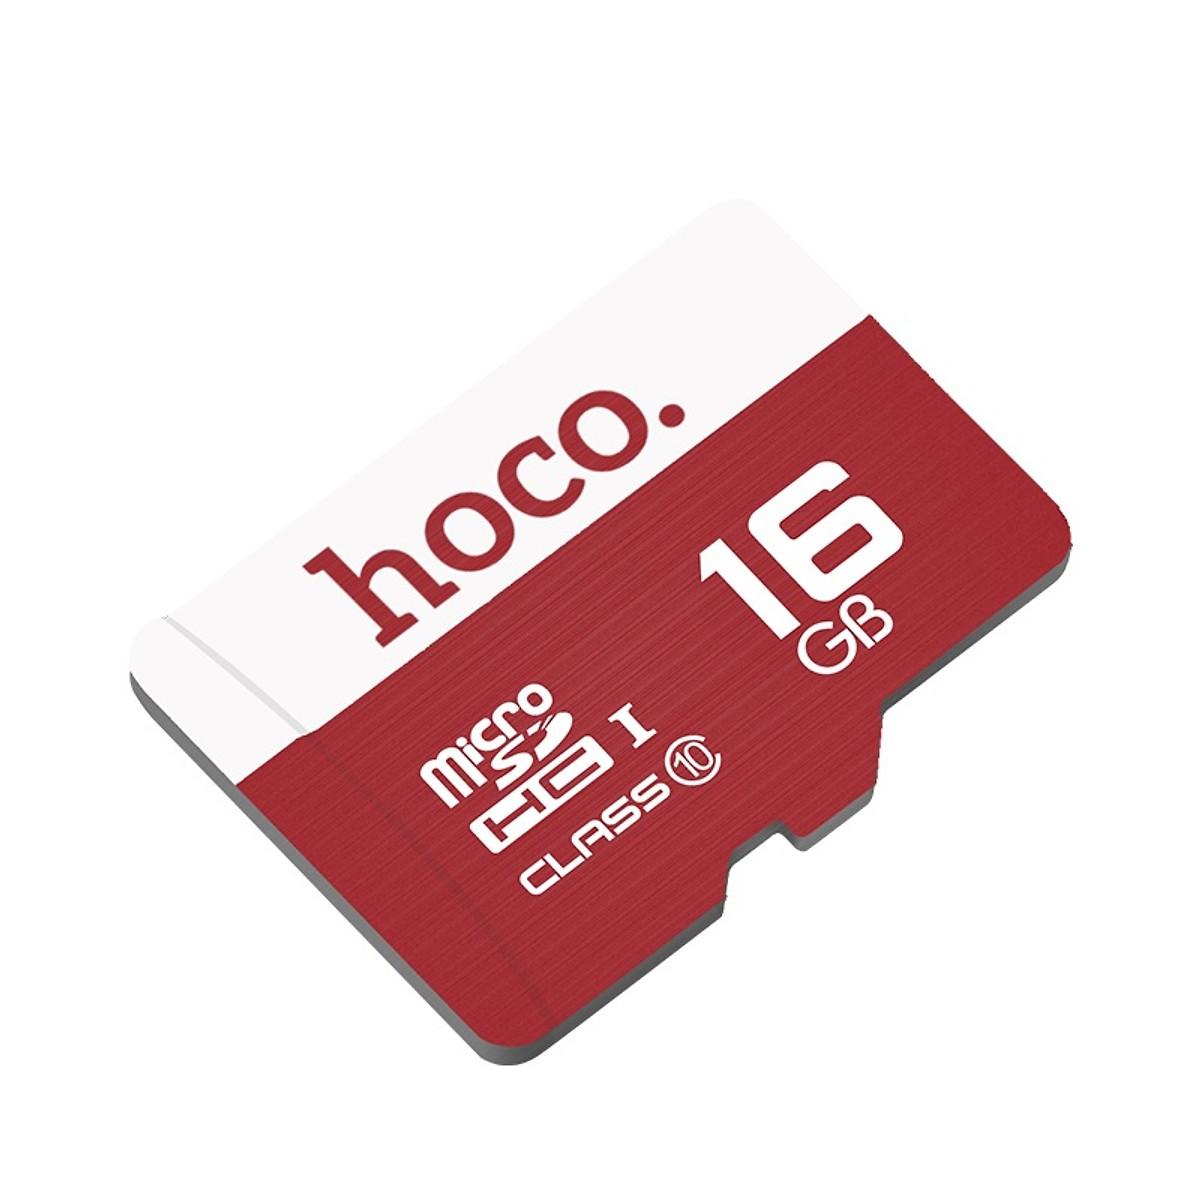 Hoco - Thẻ Nhớ 16GB Class10 Tốc Độ Cao MicroSD Chính Hãng